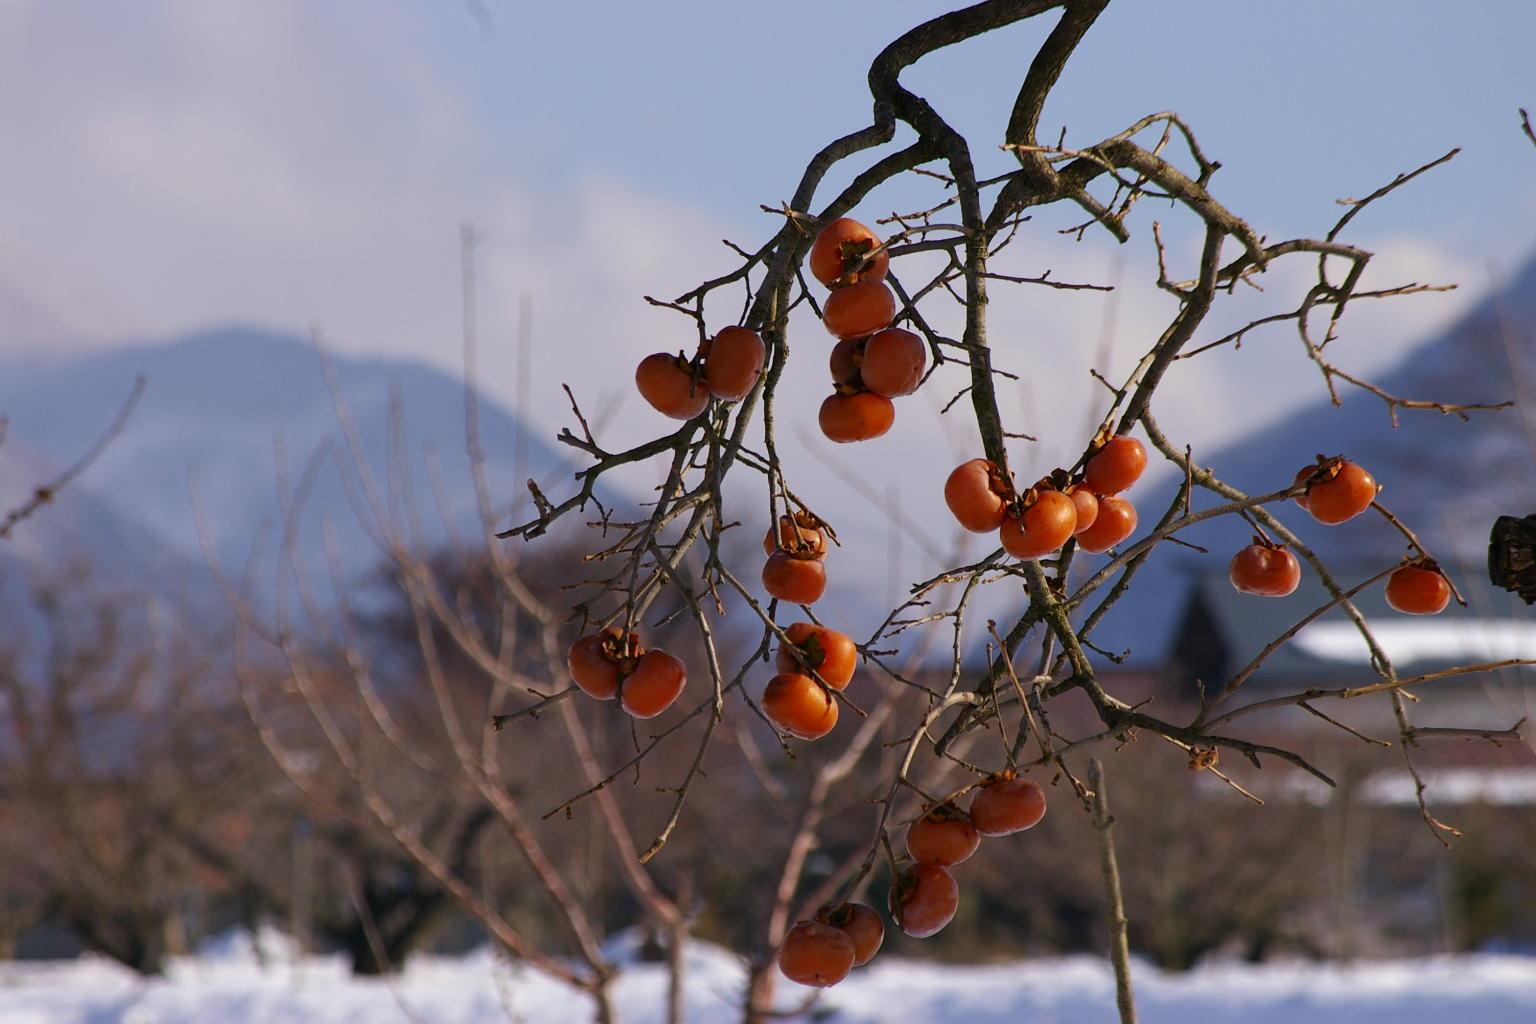 柿の木のズーム、雪原